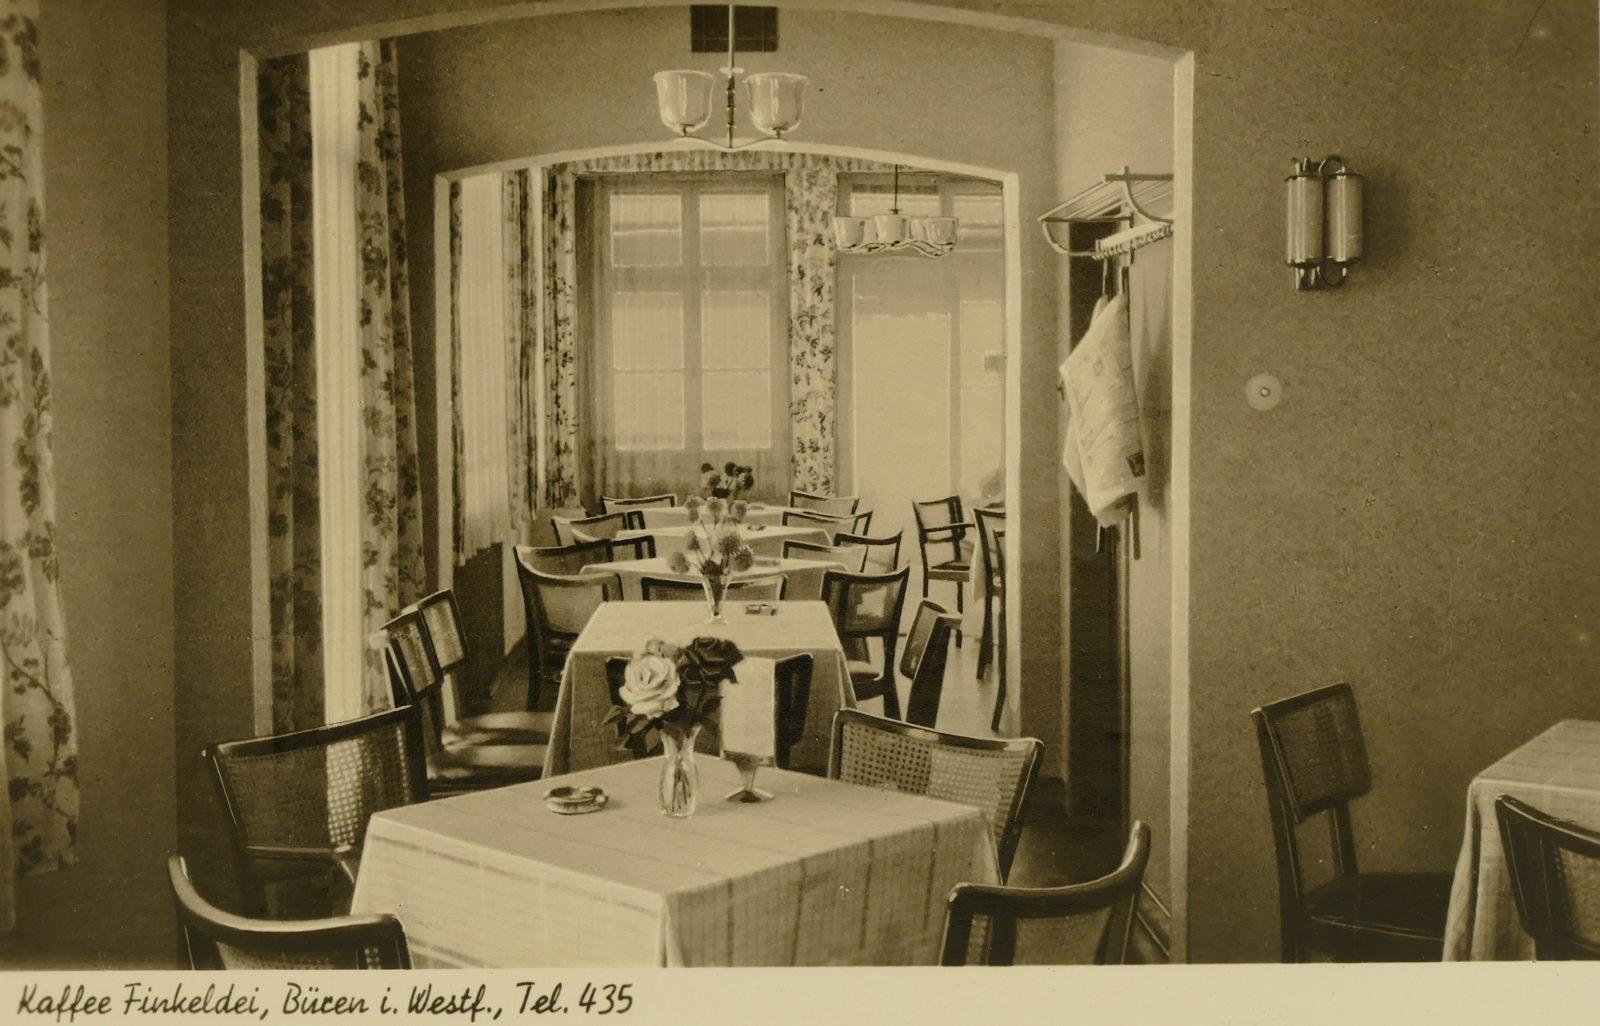 Café Finkeldei 1960